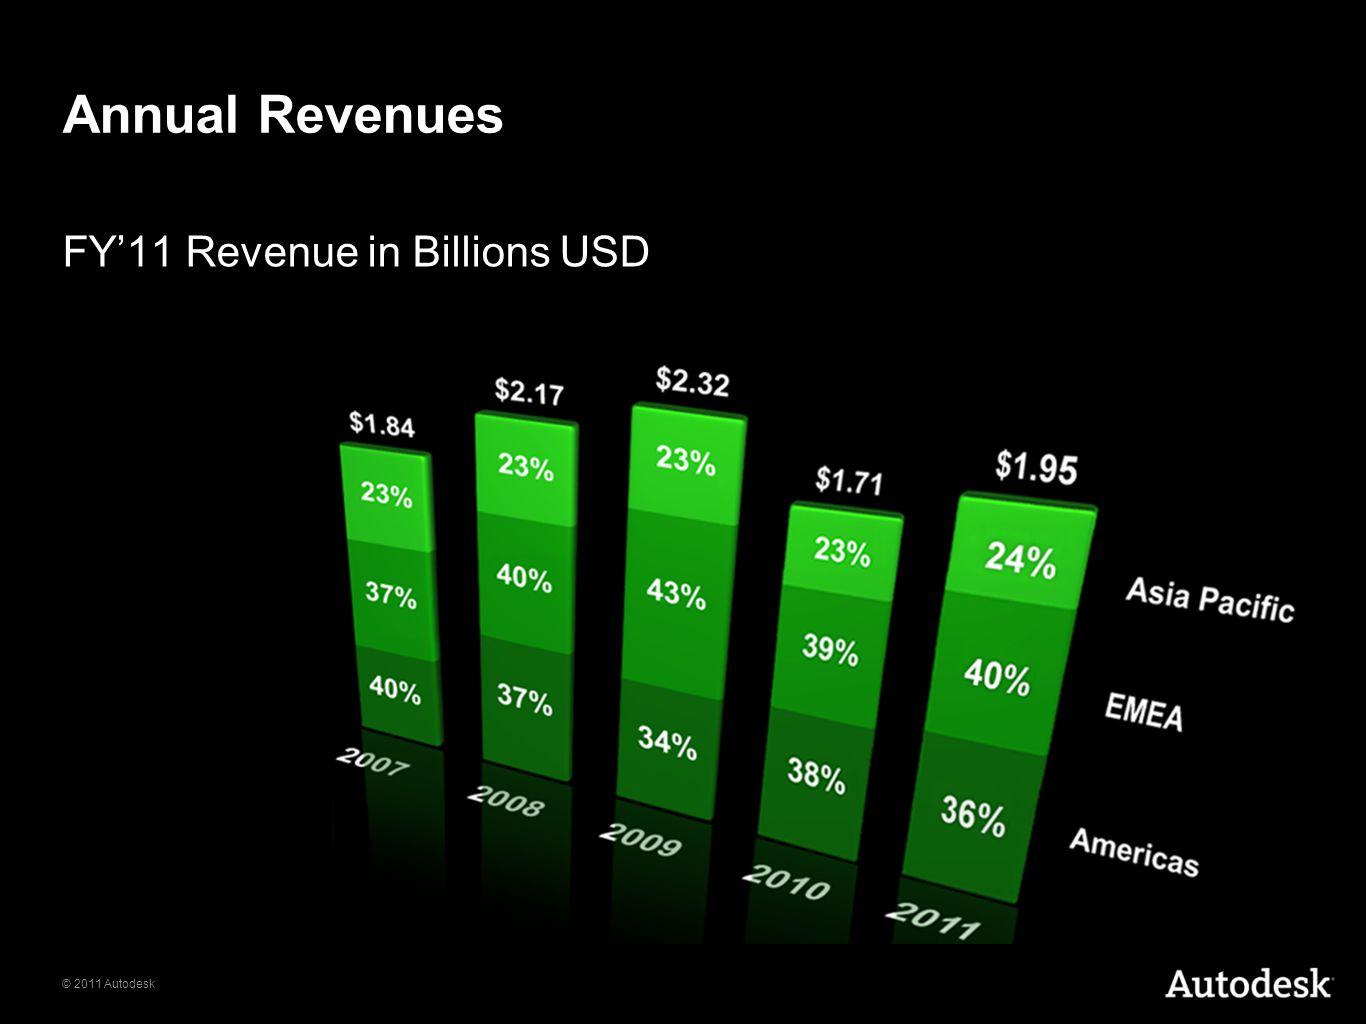 © 2011 Autodesk Annual Revenues FY'11 Revenue in Billions USD